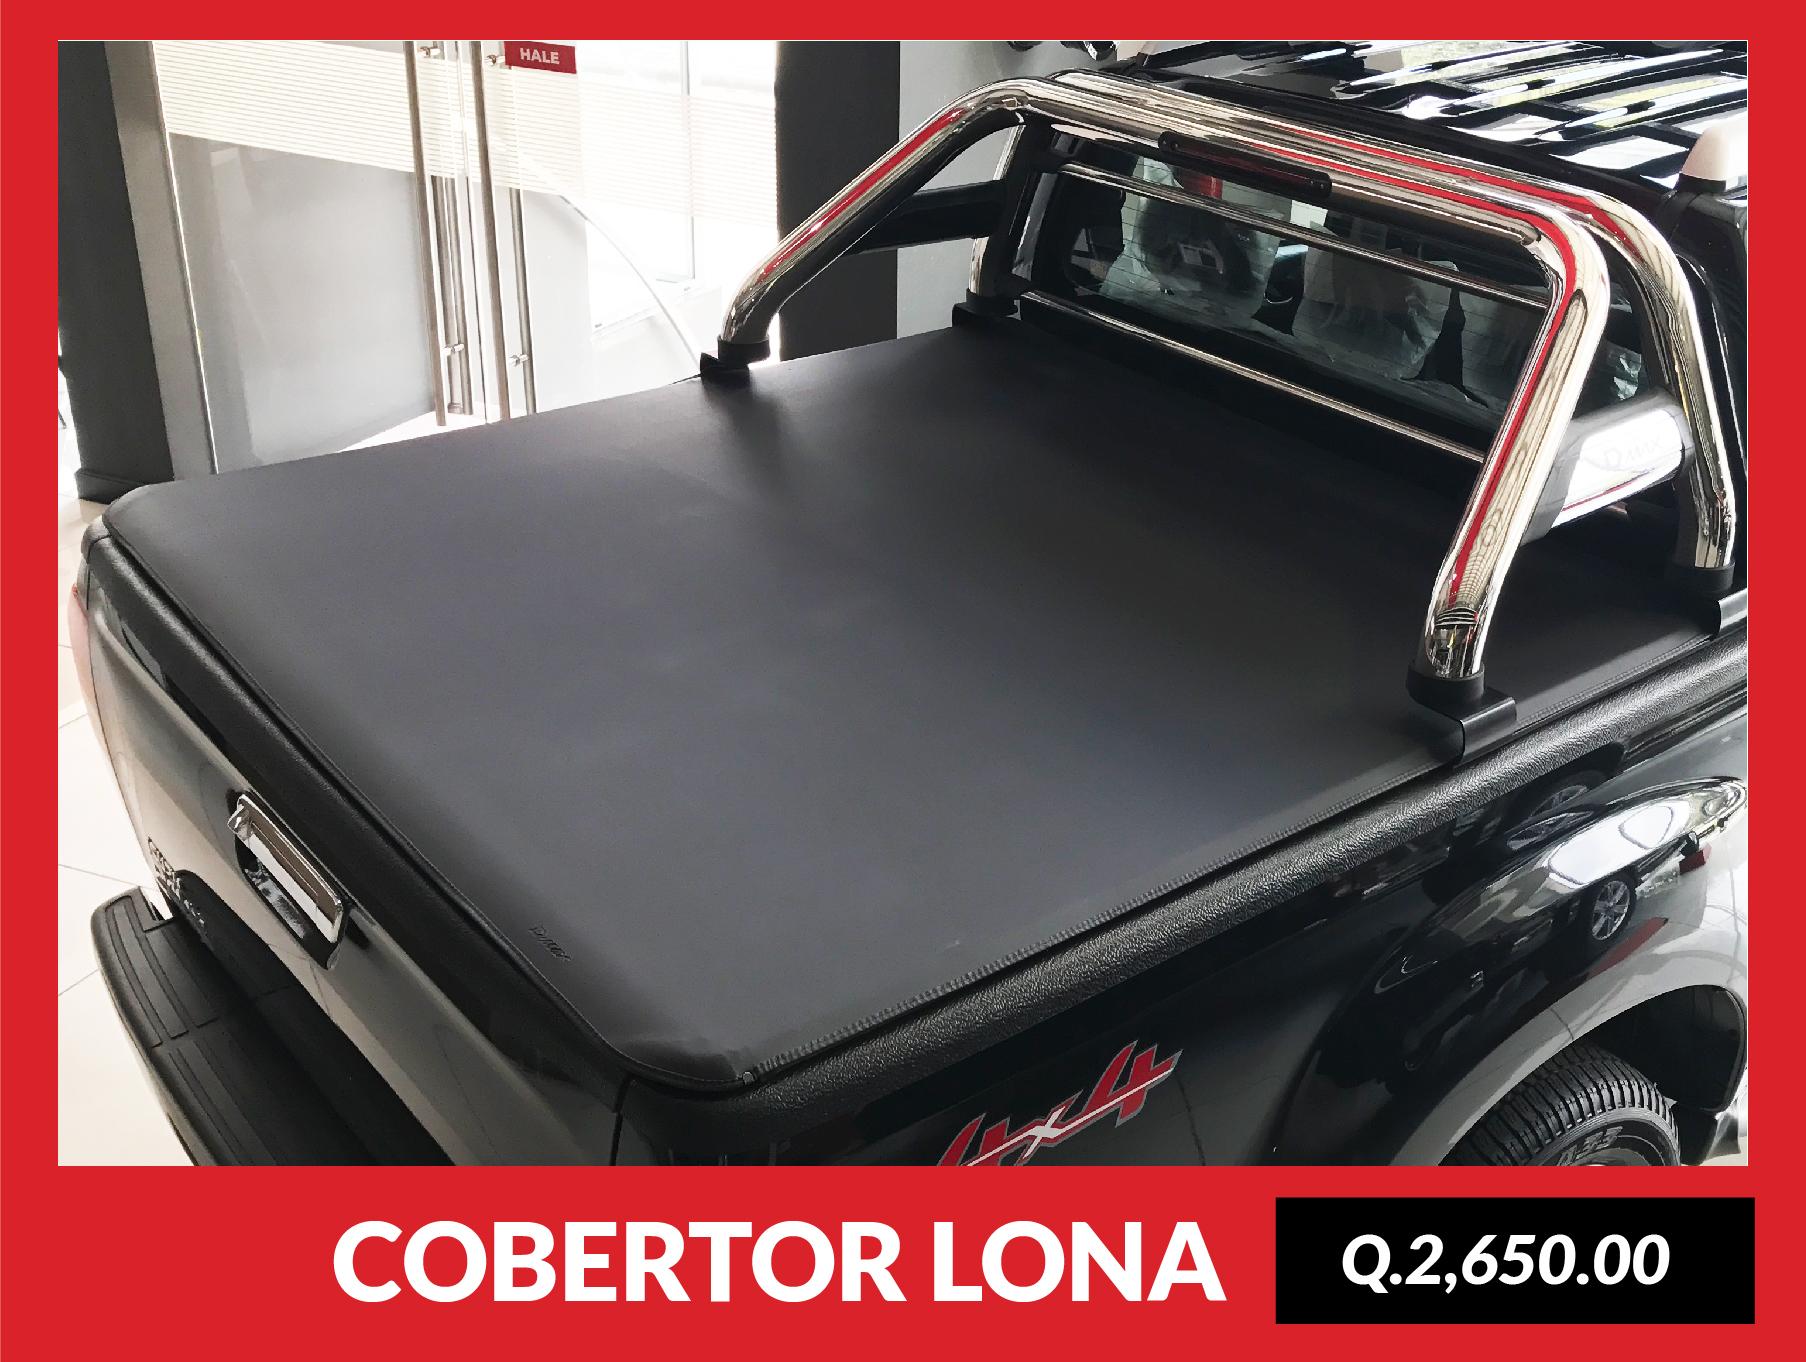 COBERTOR TIPO LONA